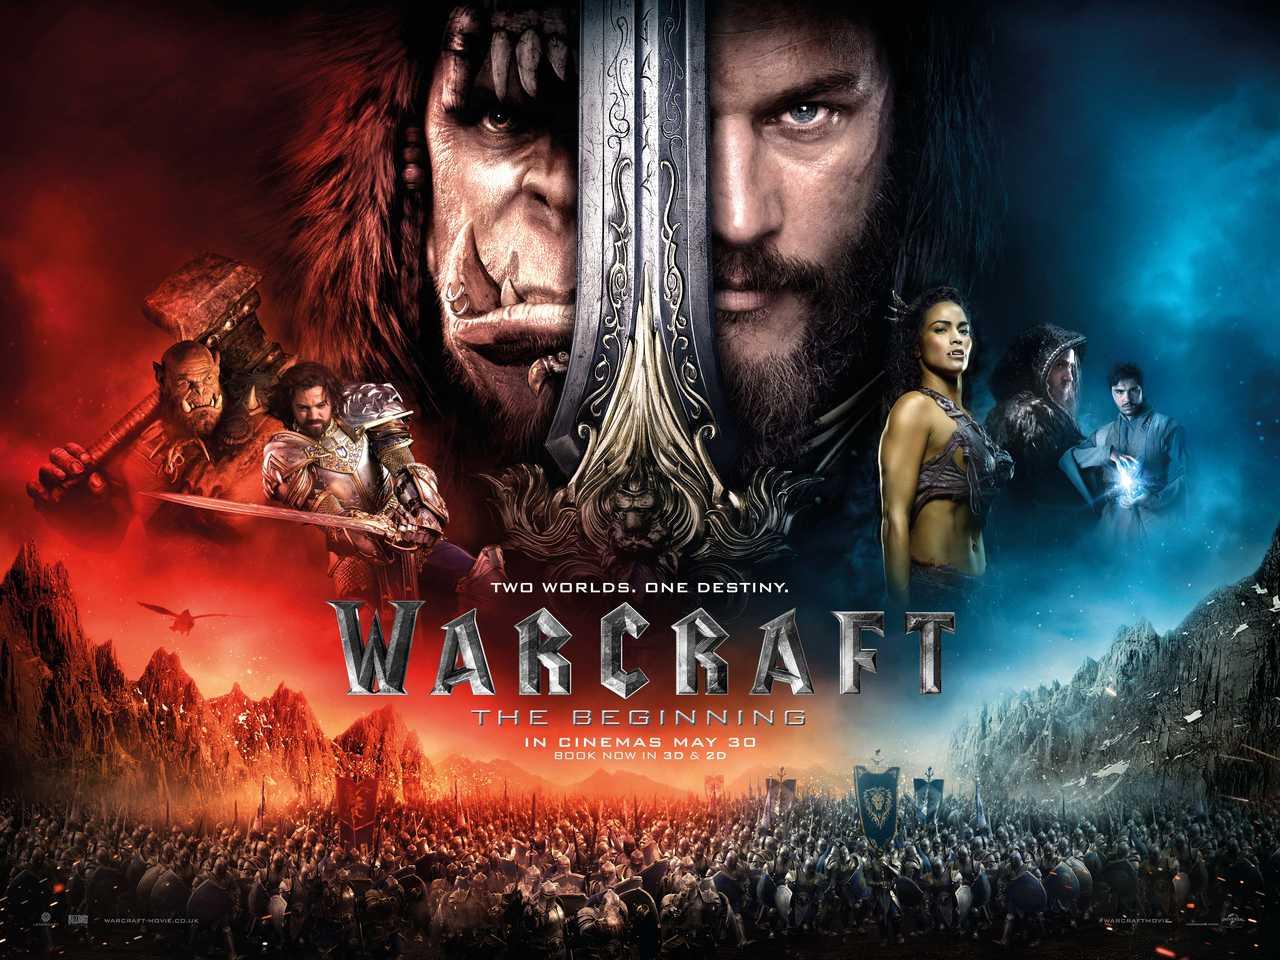 Le film Warcraft : Le commencement vient de sortir au cinéma !